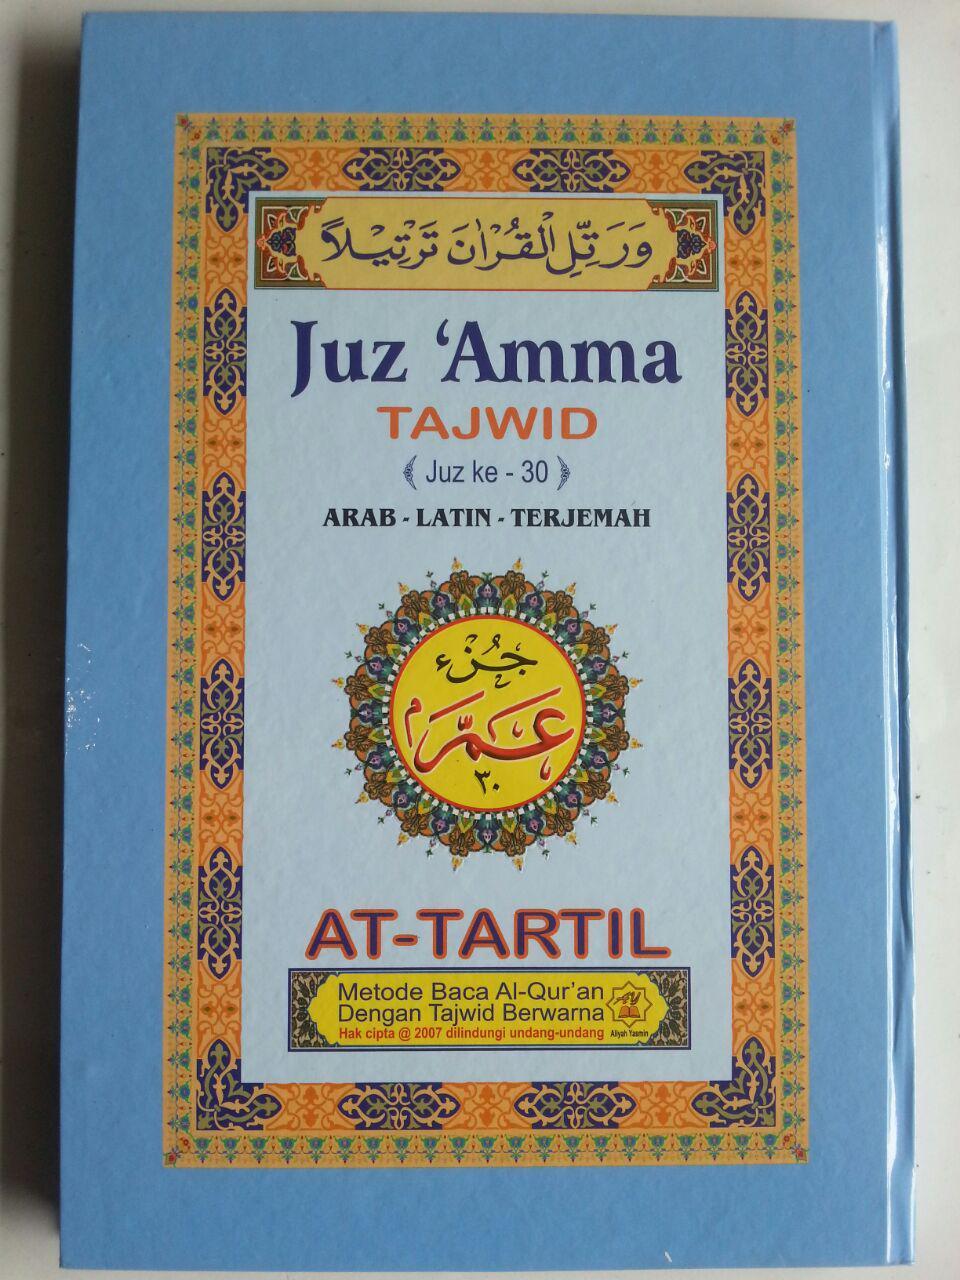 Al-Quran Juz Amma Tajwid At-Tartil Arab-Latin-Terjemah B5 HC cover 2